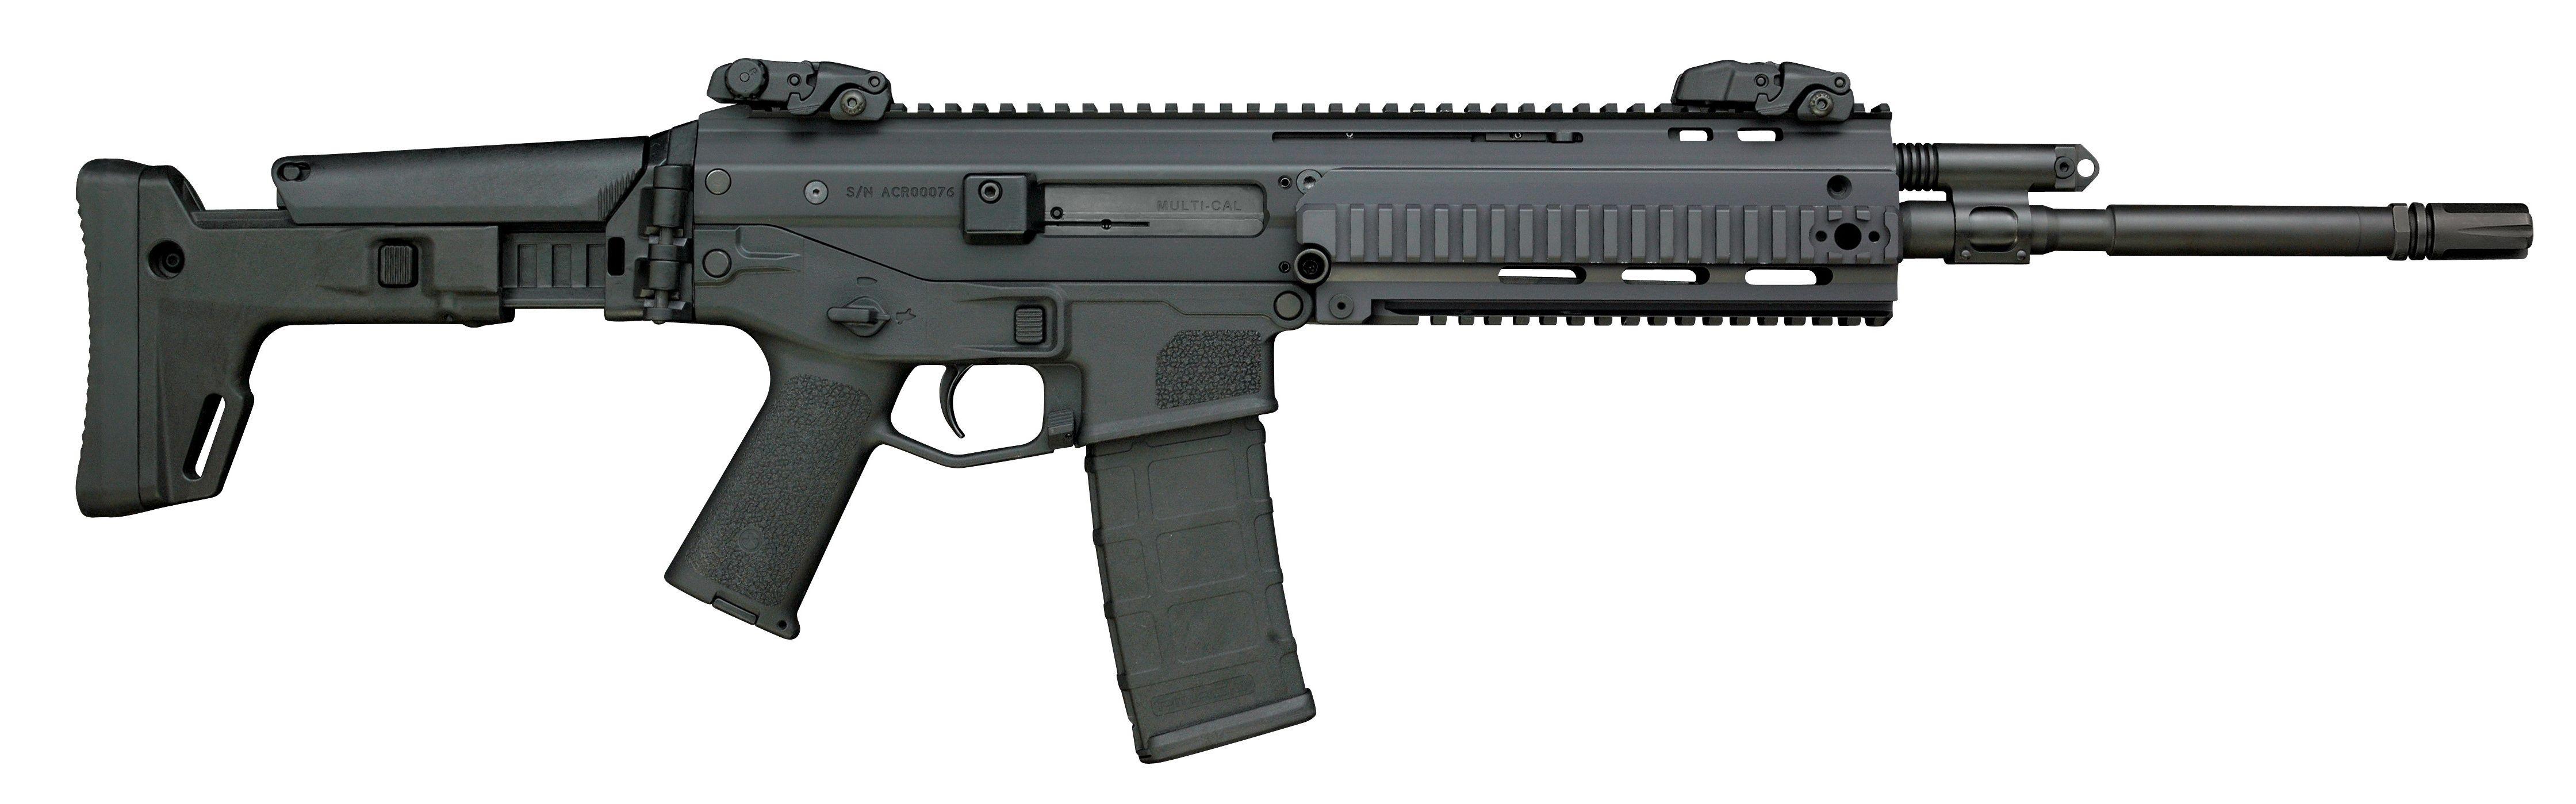 Bushmaster Bushmaster, Rifle